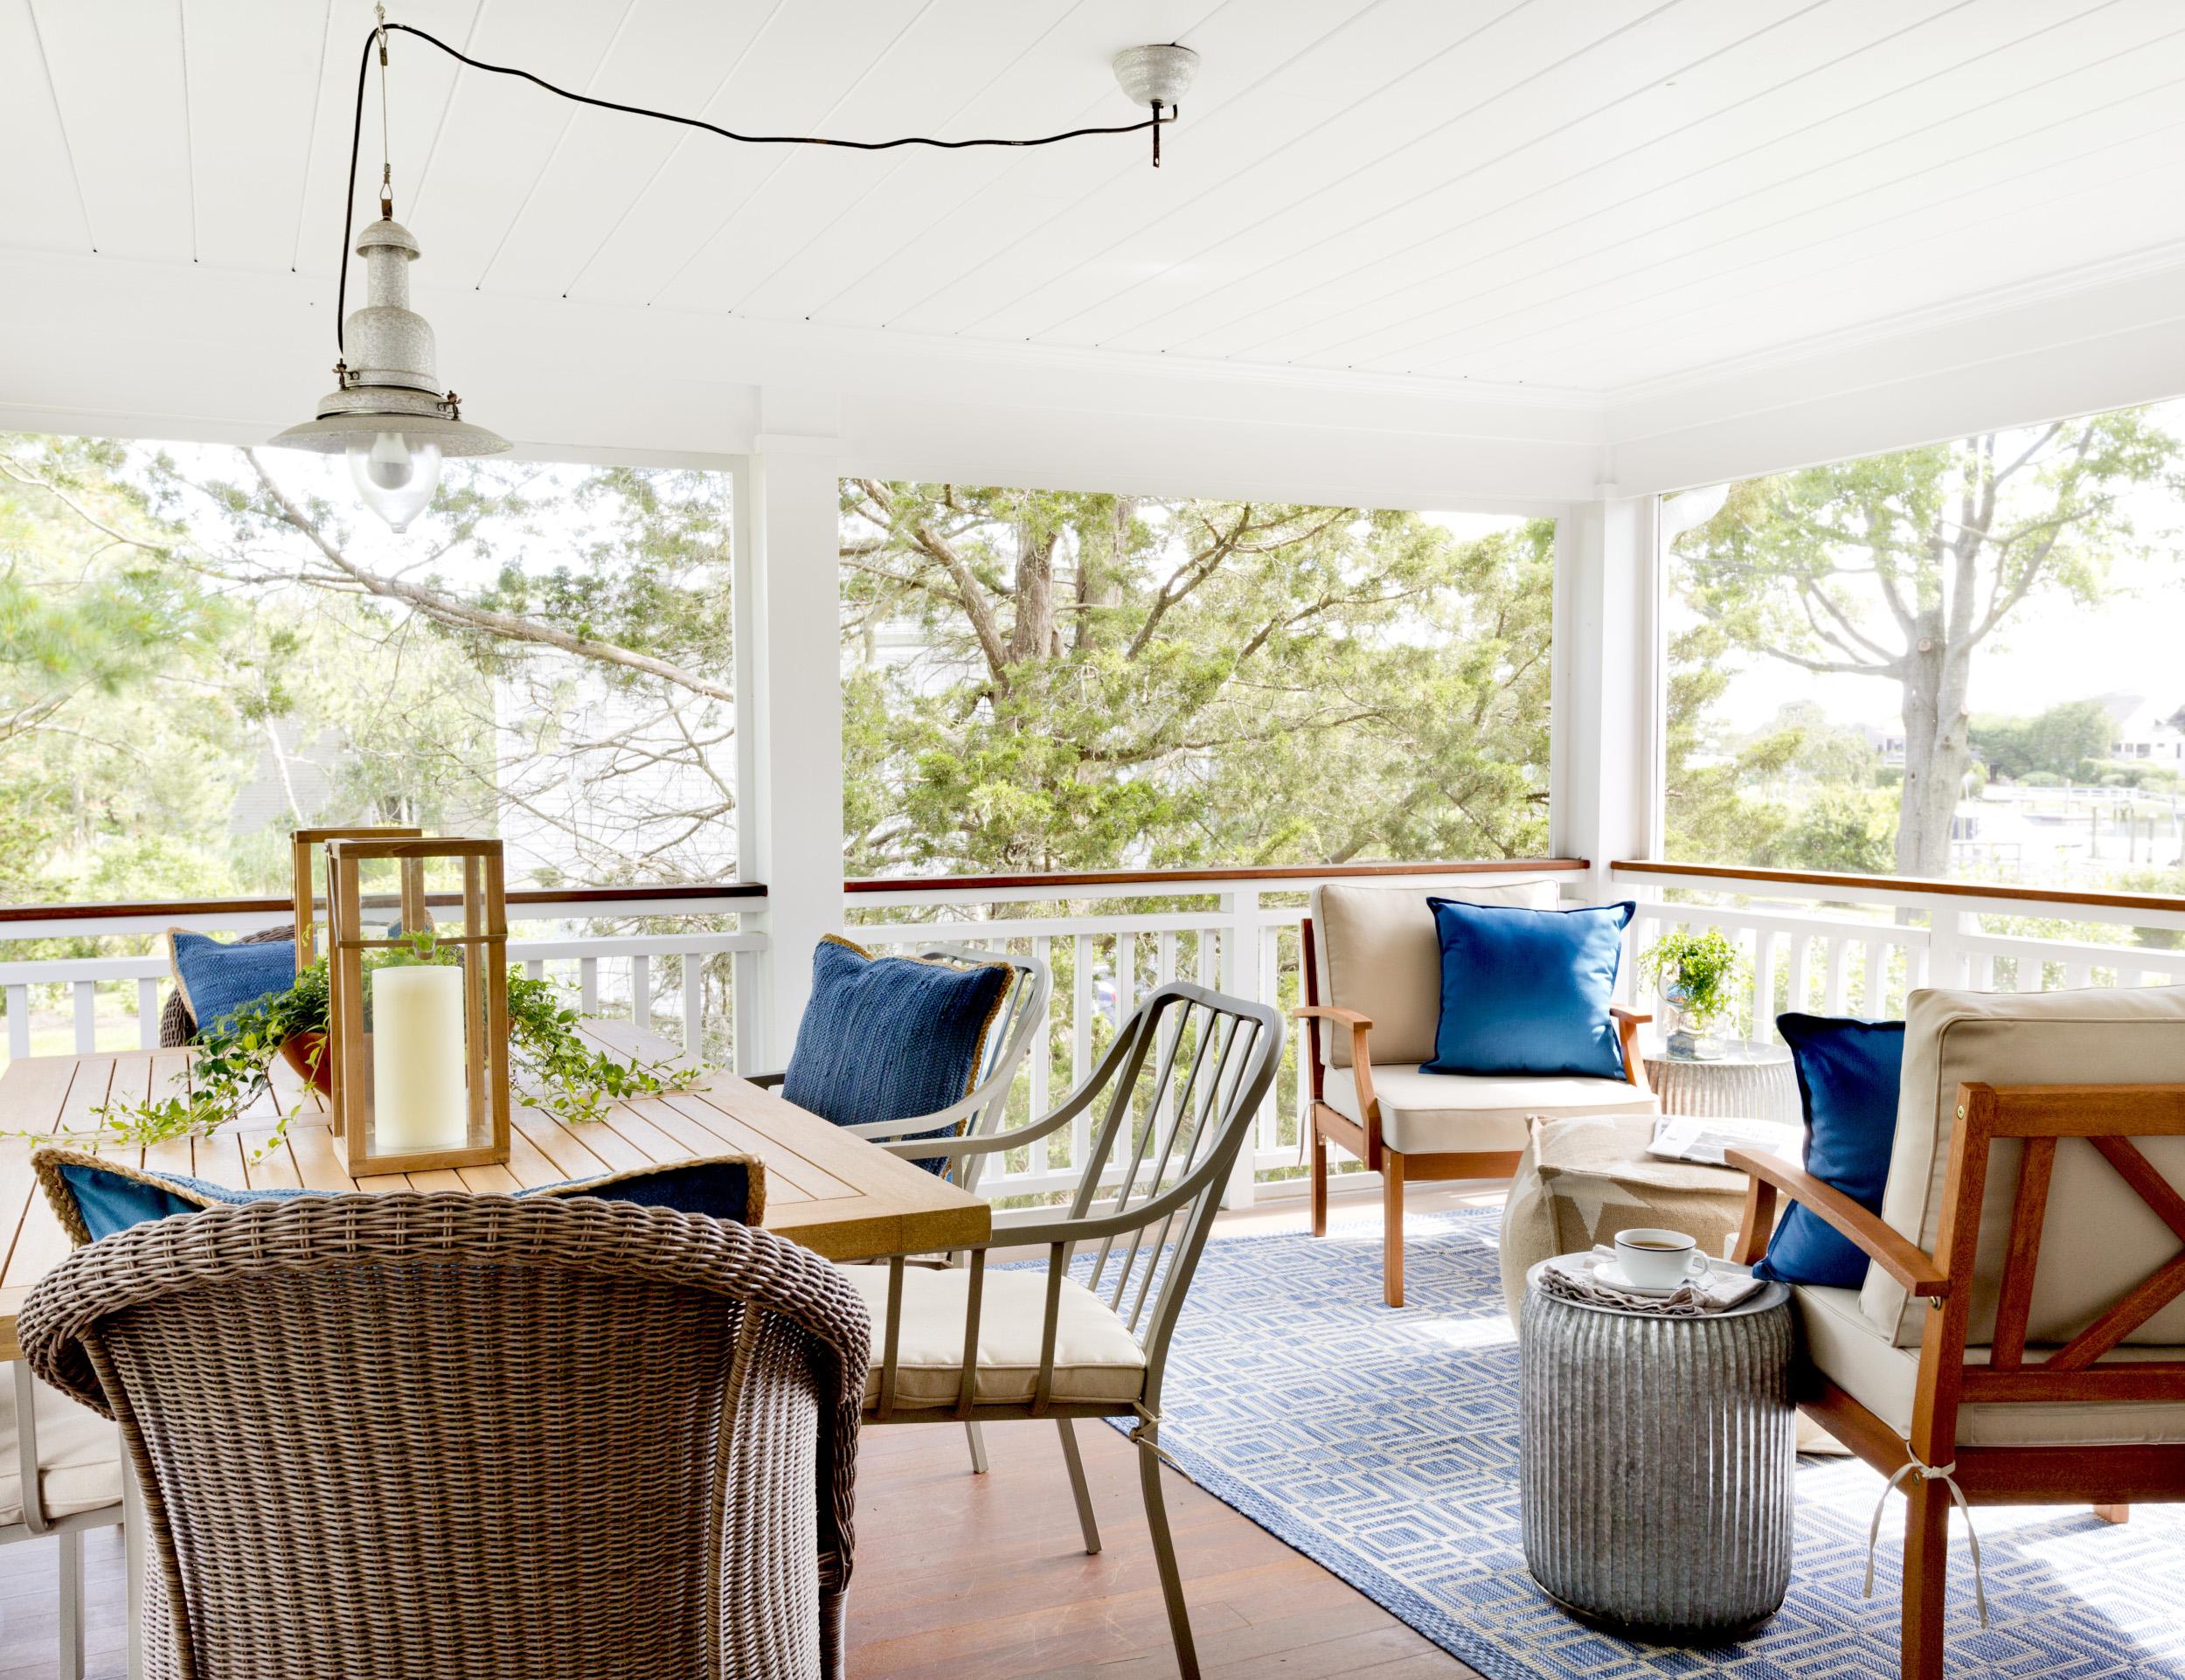 Caroline Kopp Interior Design Covered Porch Design Ideas Connecticut Interior Designers.jpg